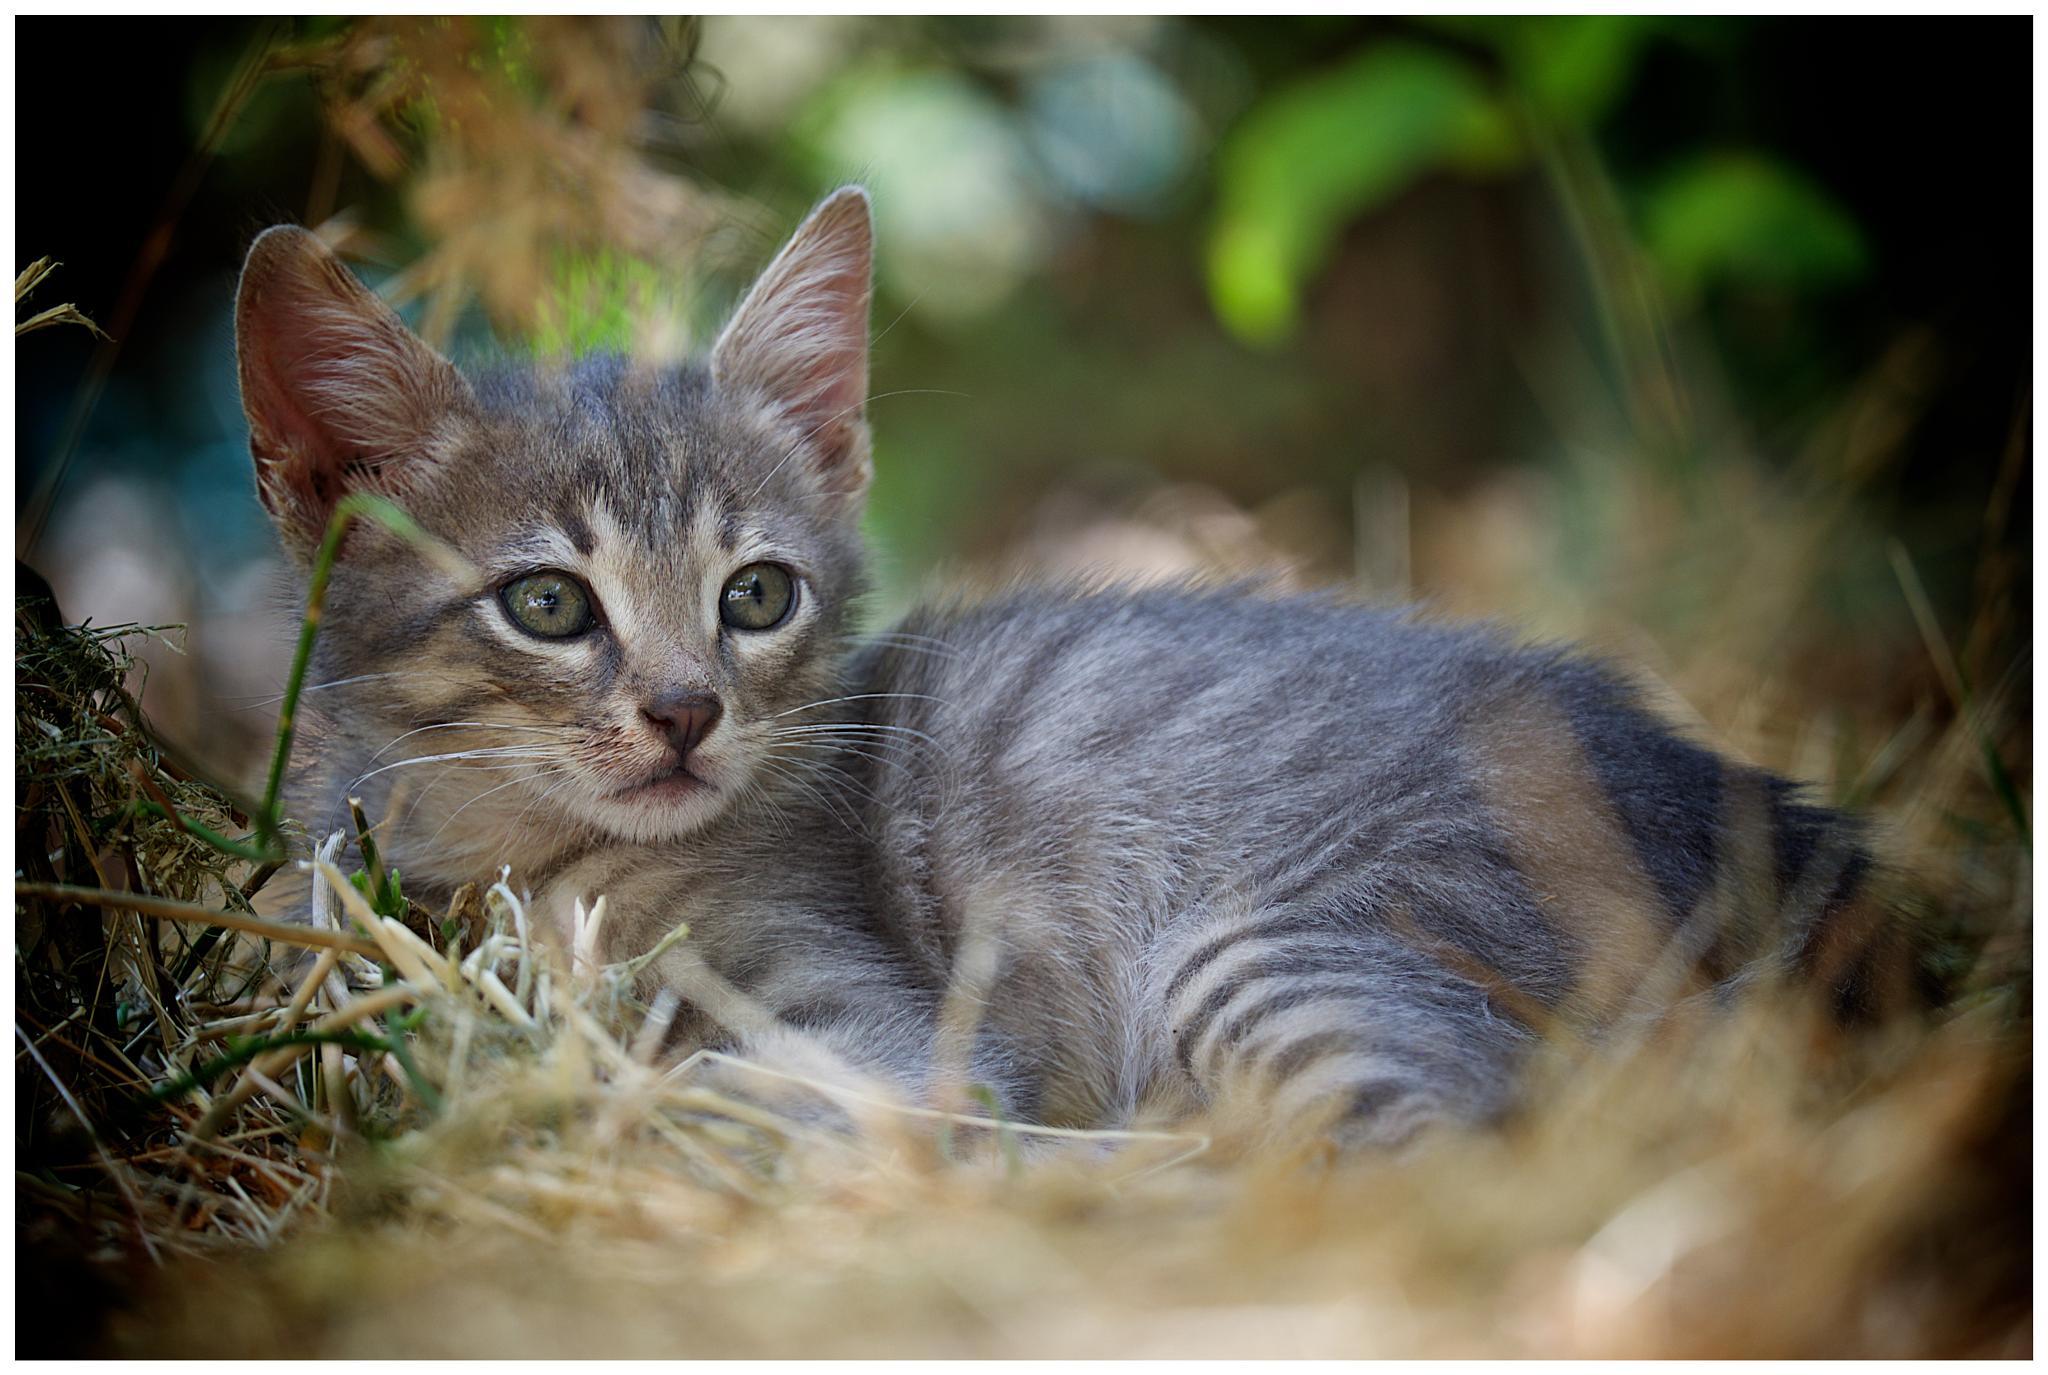 Israel kitty by David Plotnikov